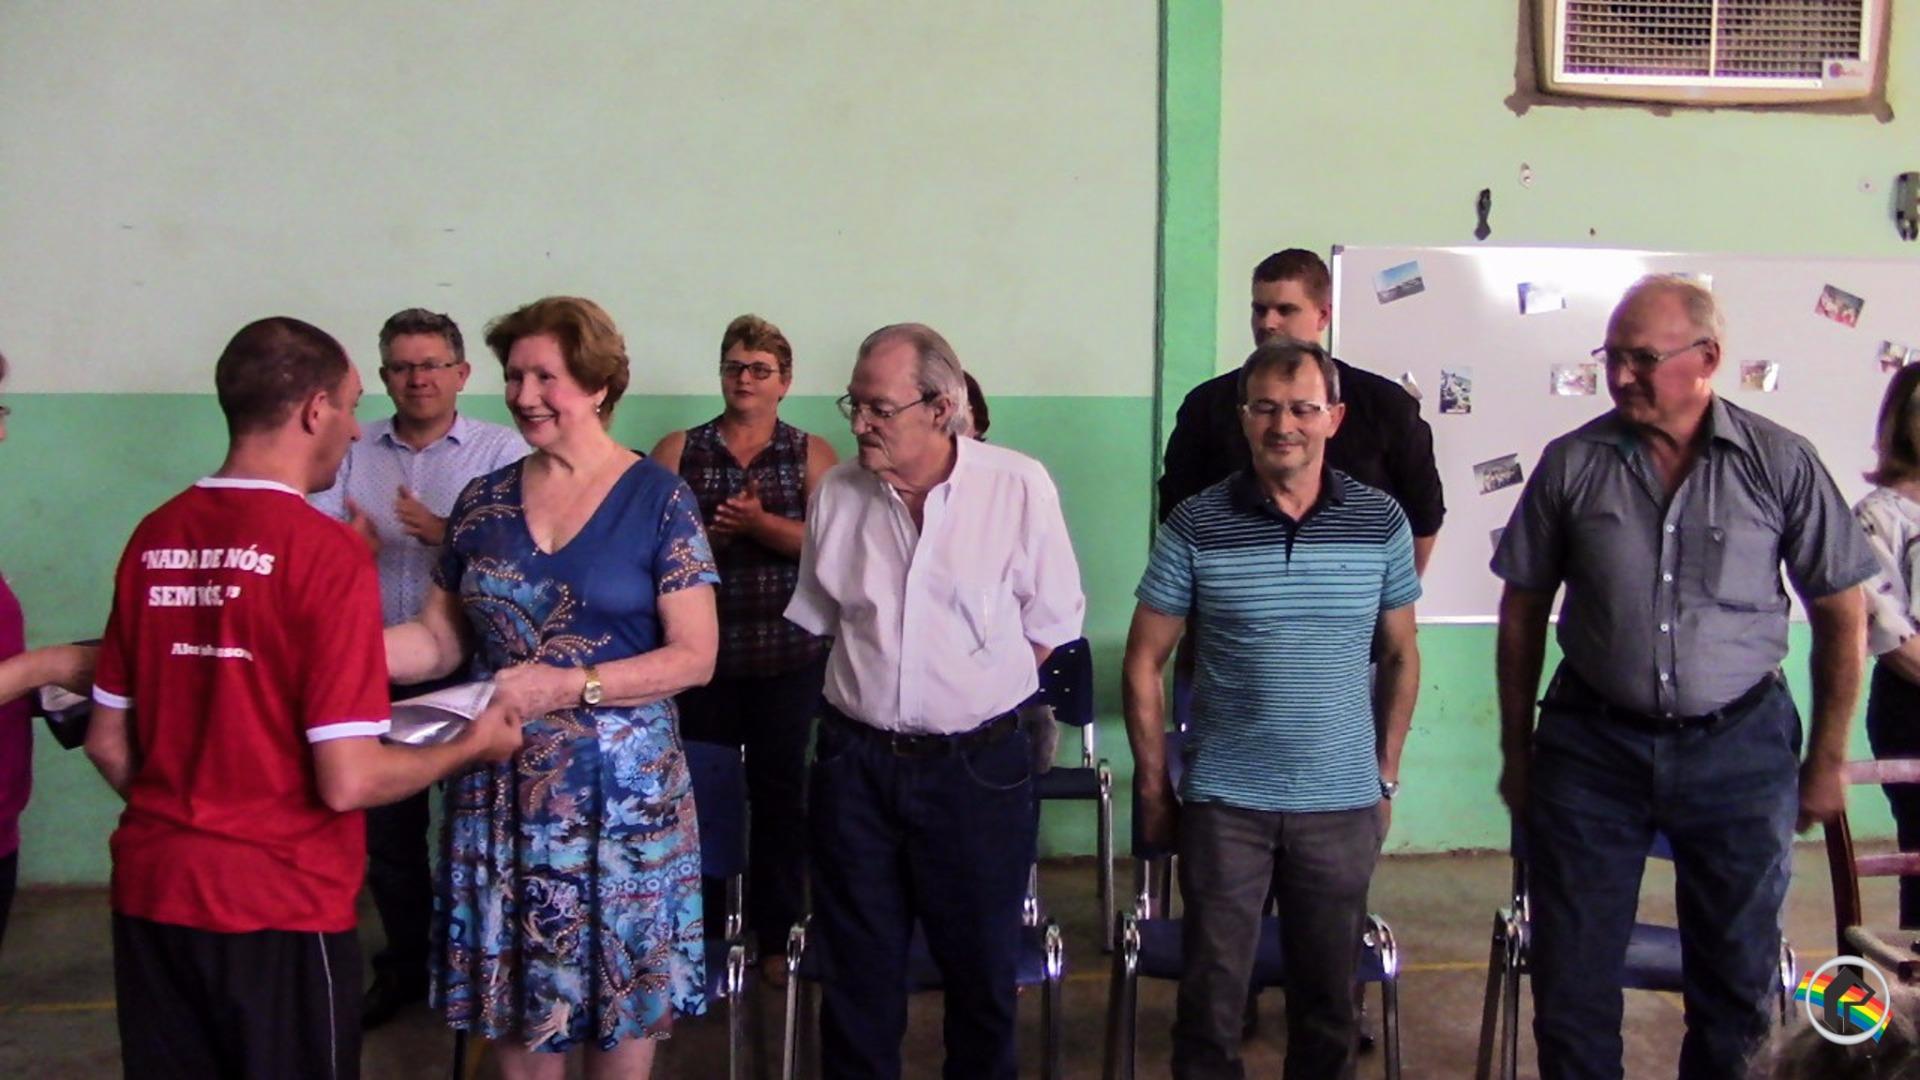 VÍDEO: Apae completa 39 anos e inaugura Galeria dos Ex-presidentes